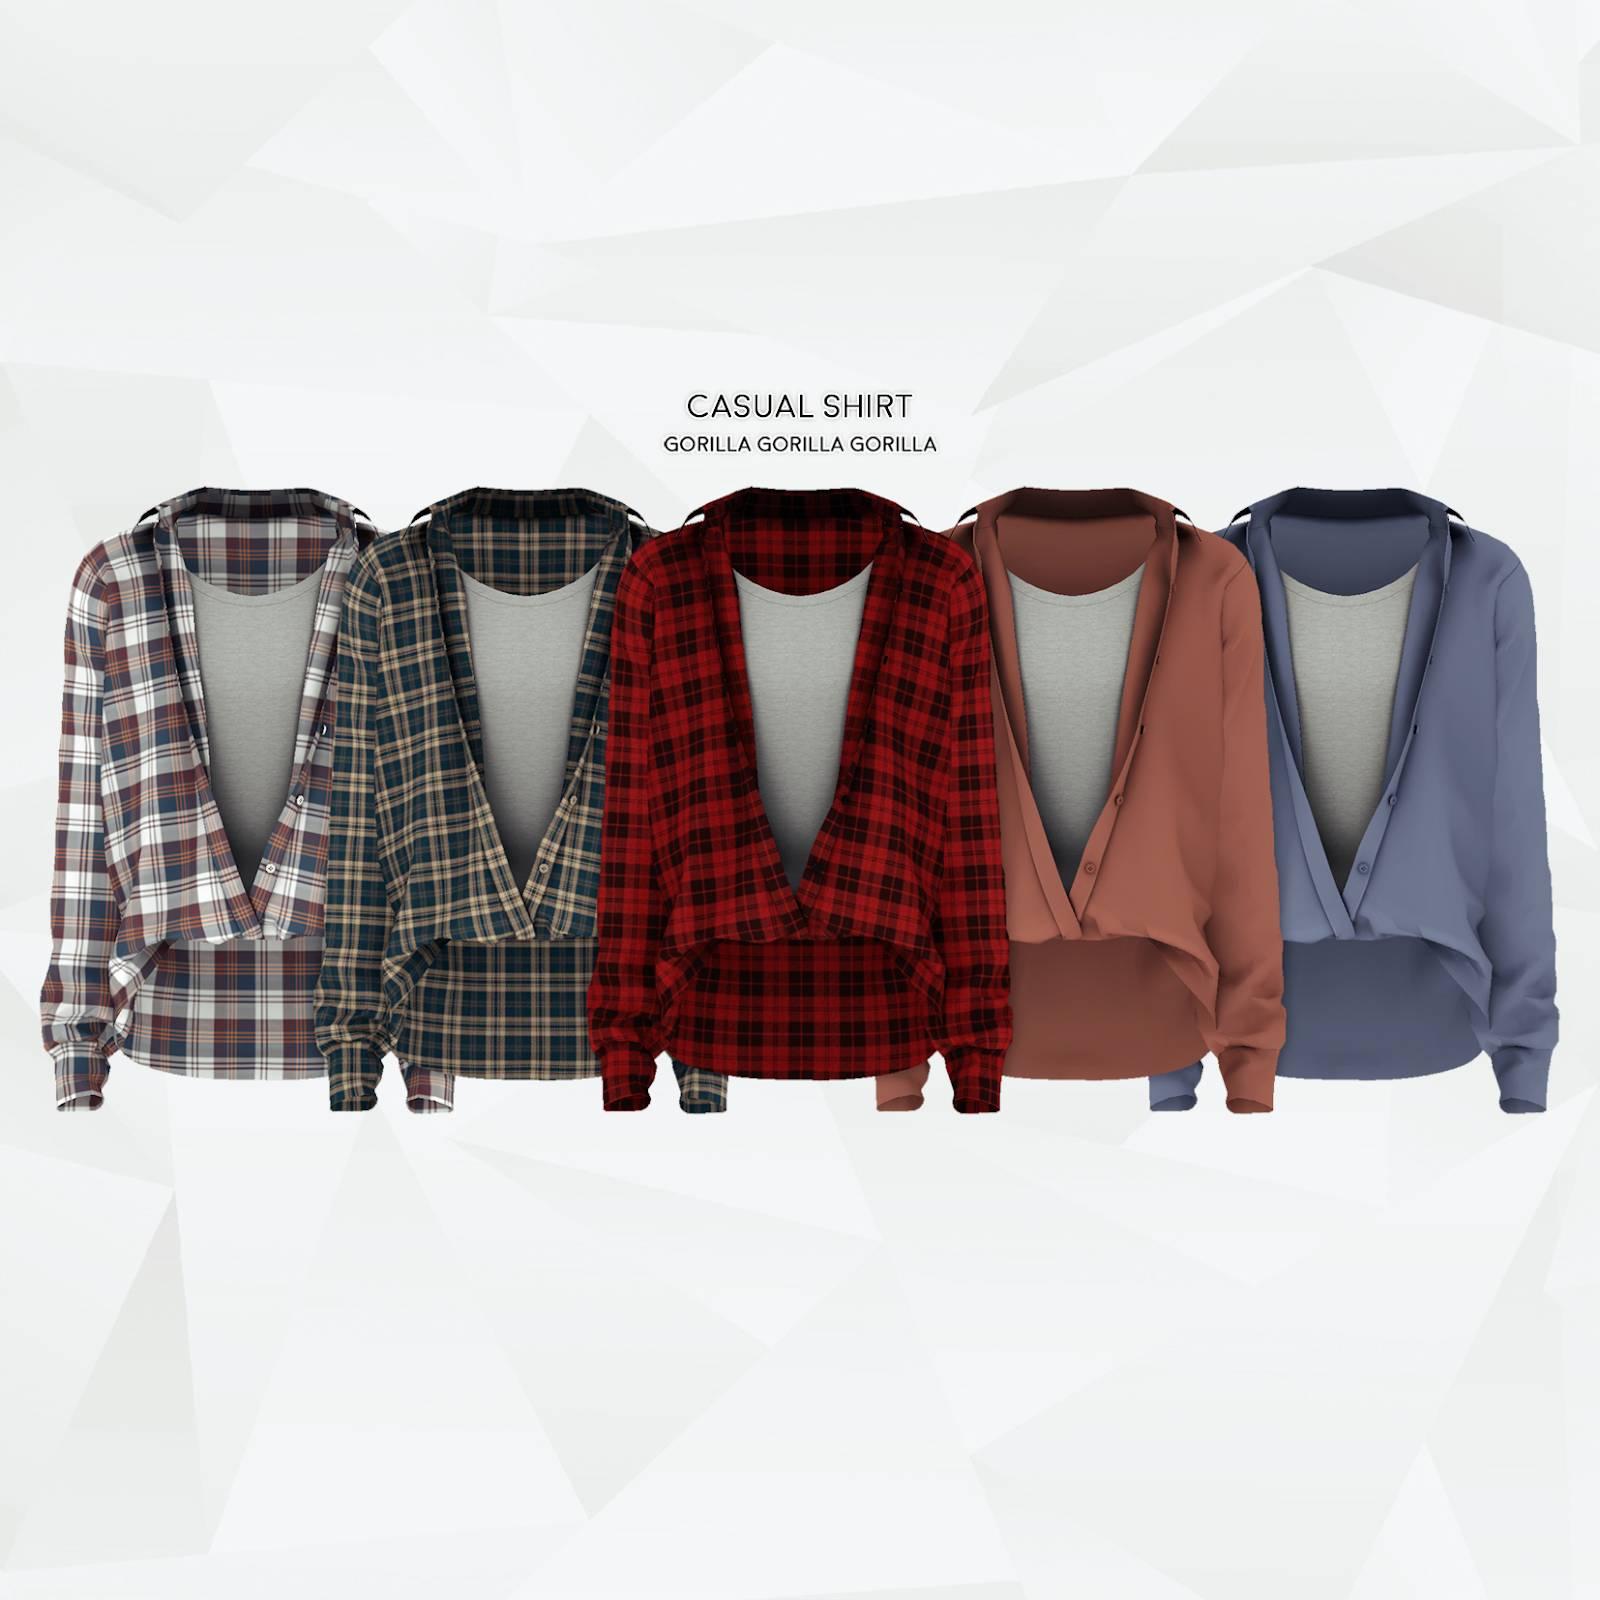 Рубашка и майка - Casual Shirt AM